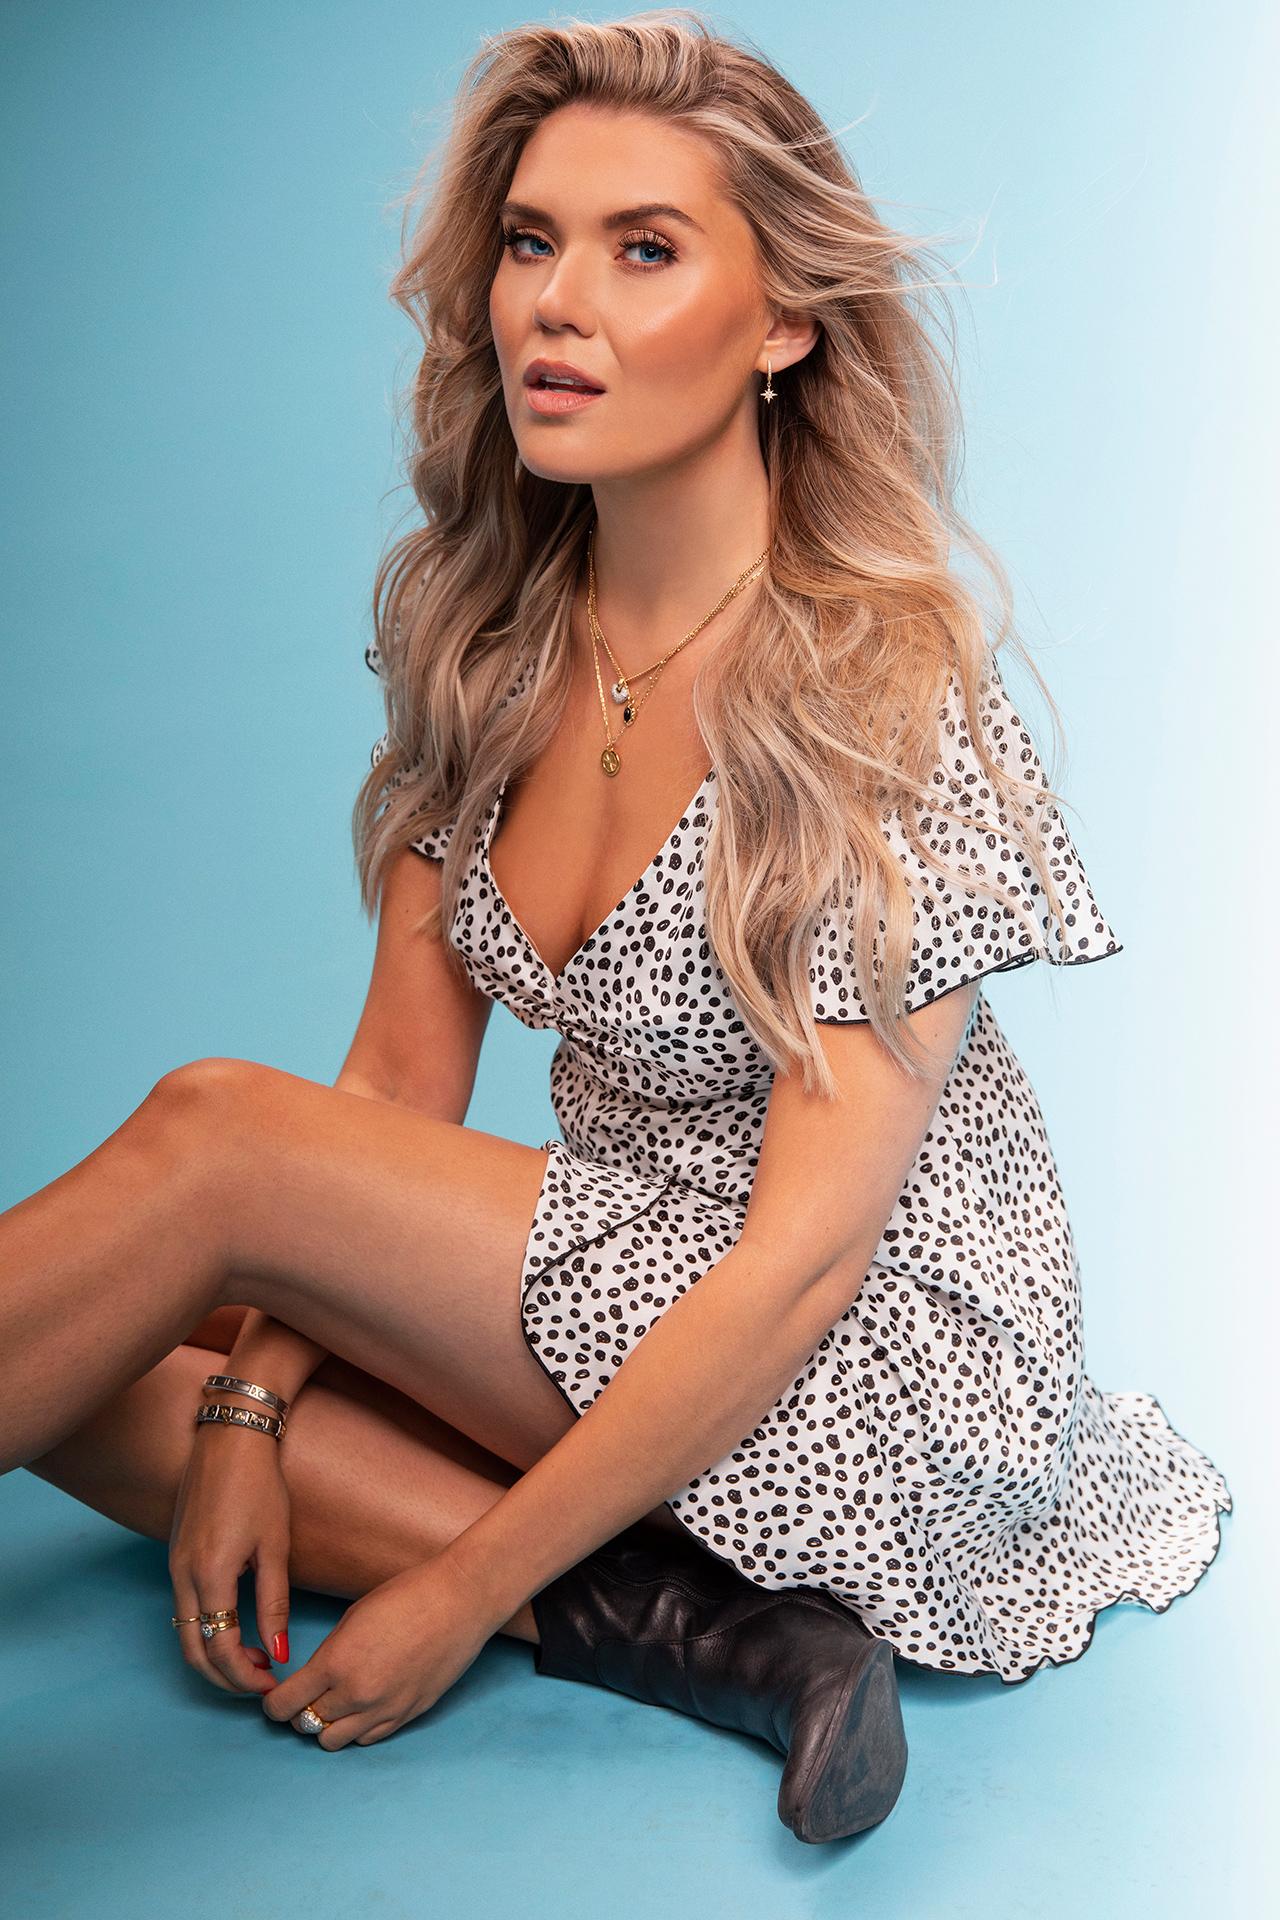 Bea Toivonen, Miss Suomi 2014, Miss Finland